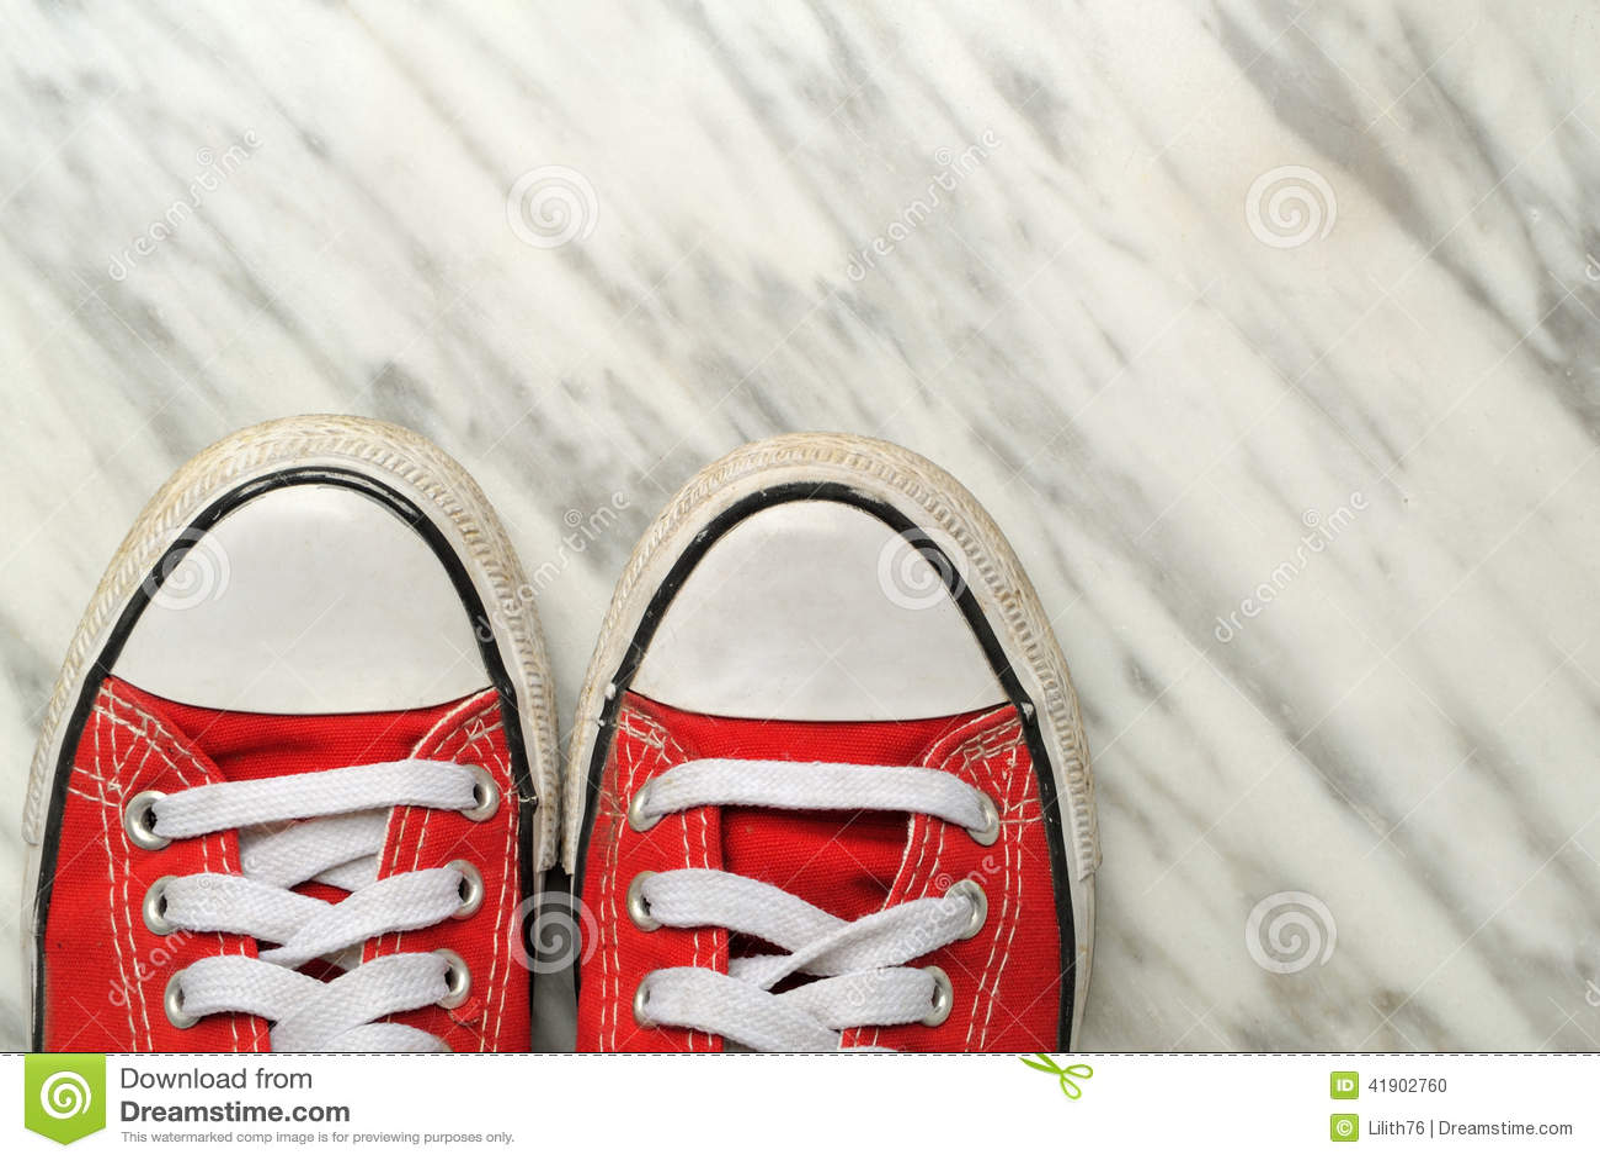 Sportshoes rojos usados en el fondo de mármol